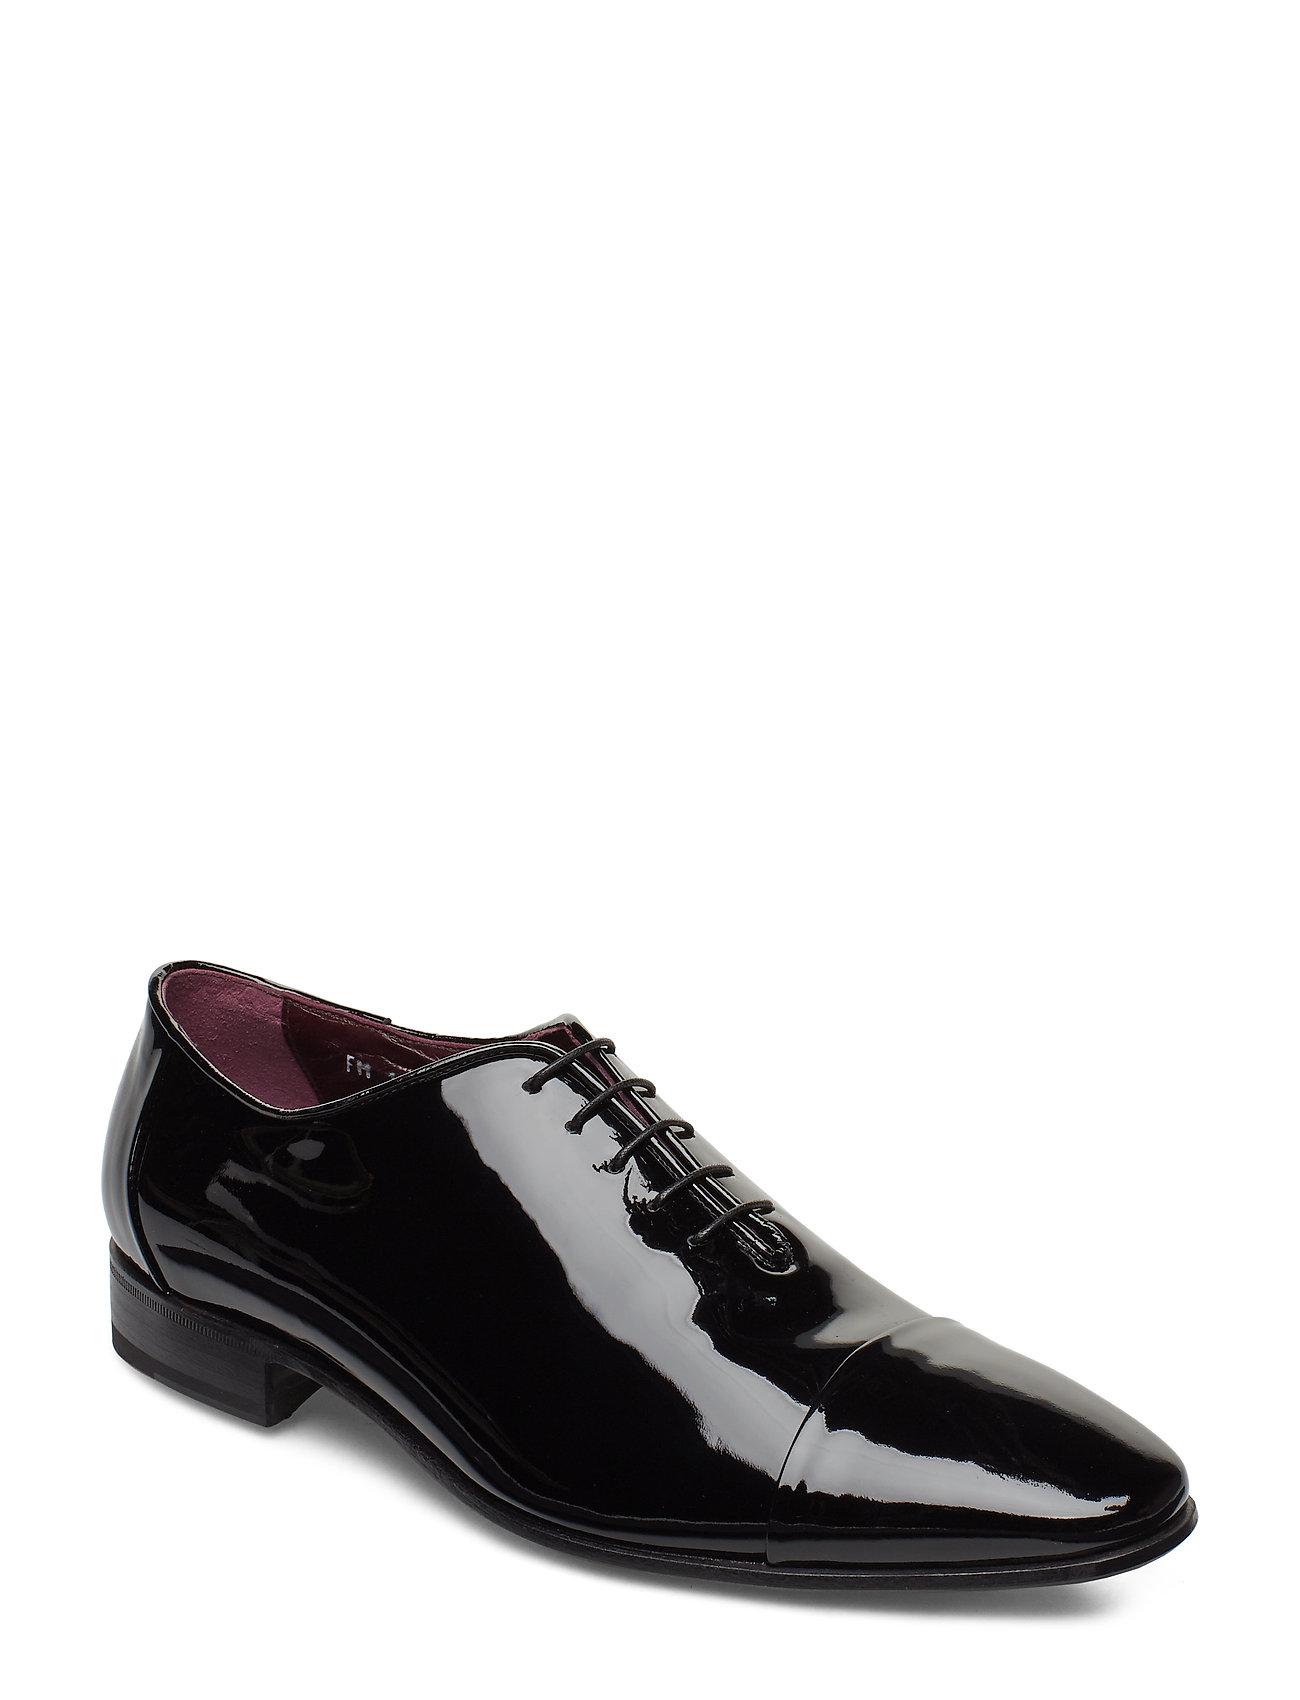 SAND Footwear MW - F261 - BLACK